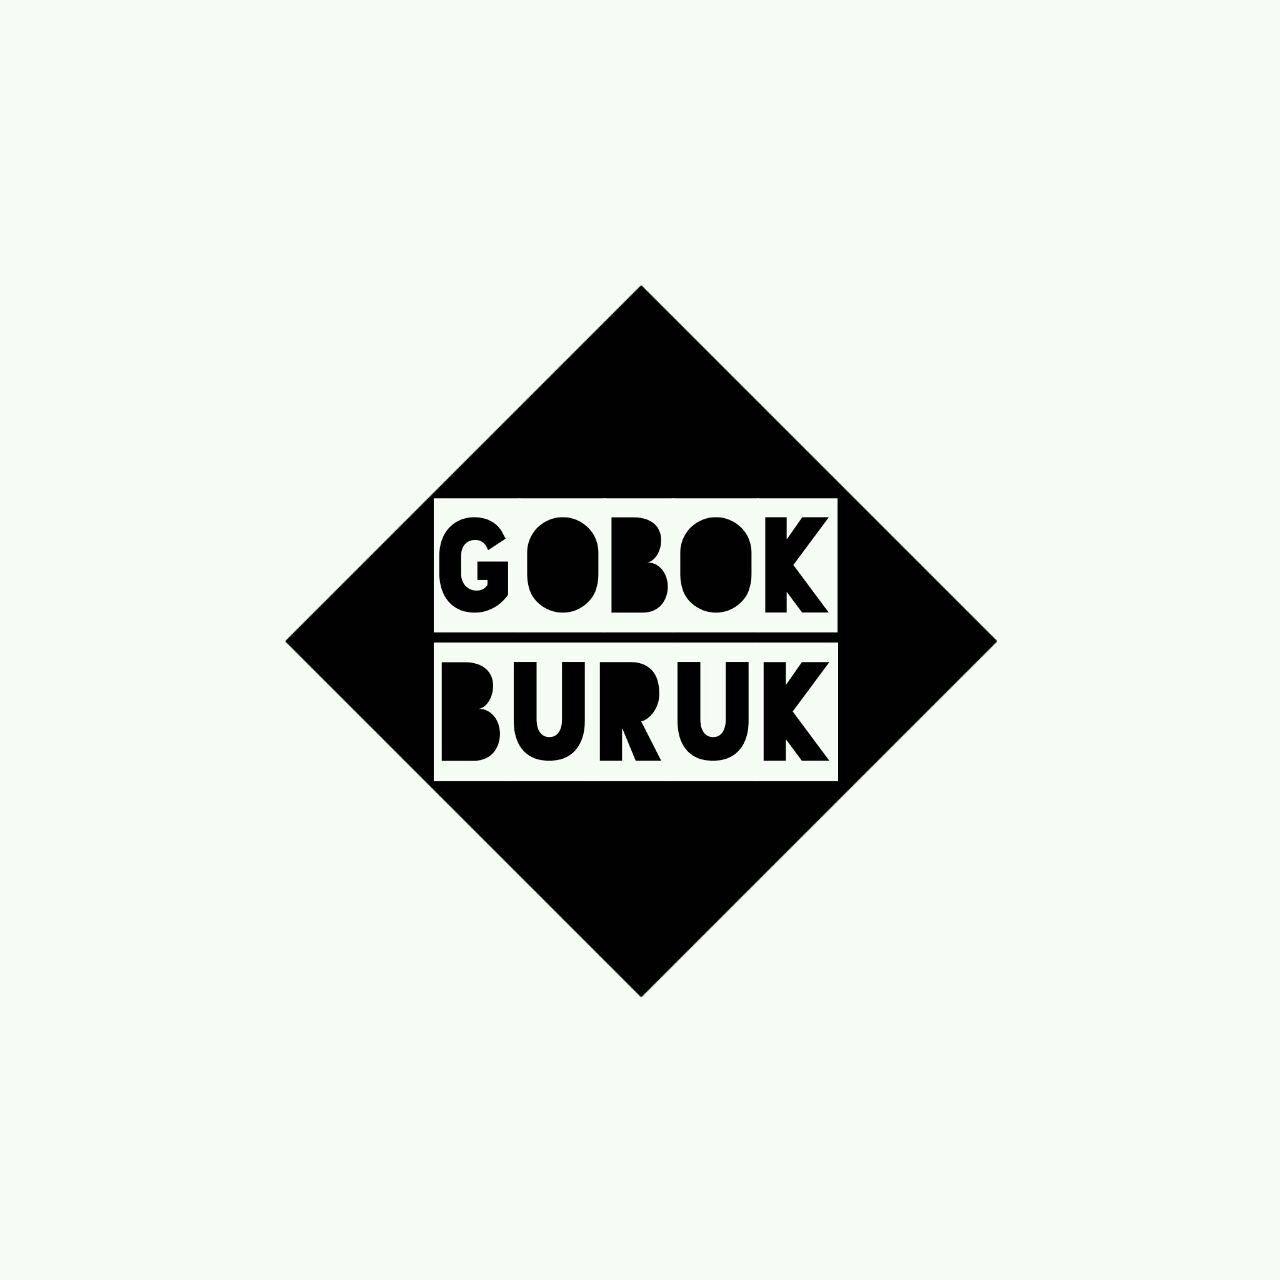 gobokburok